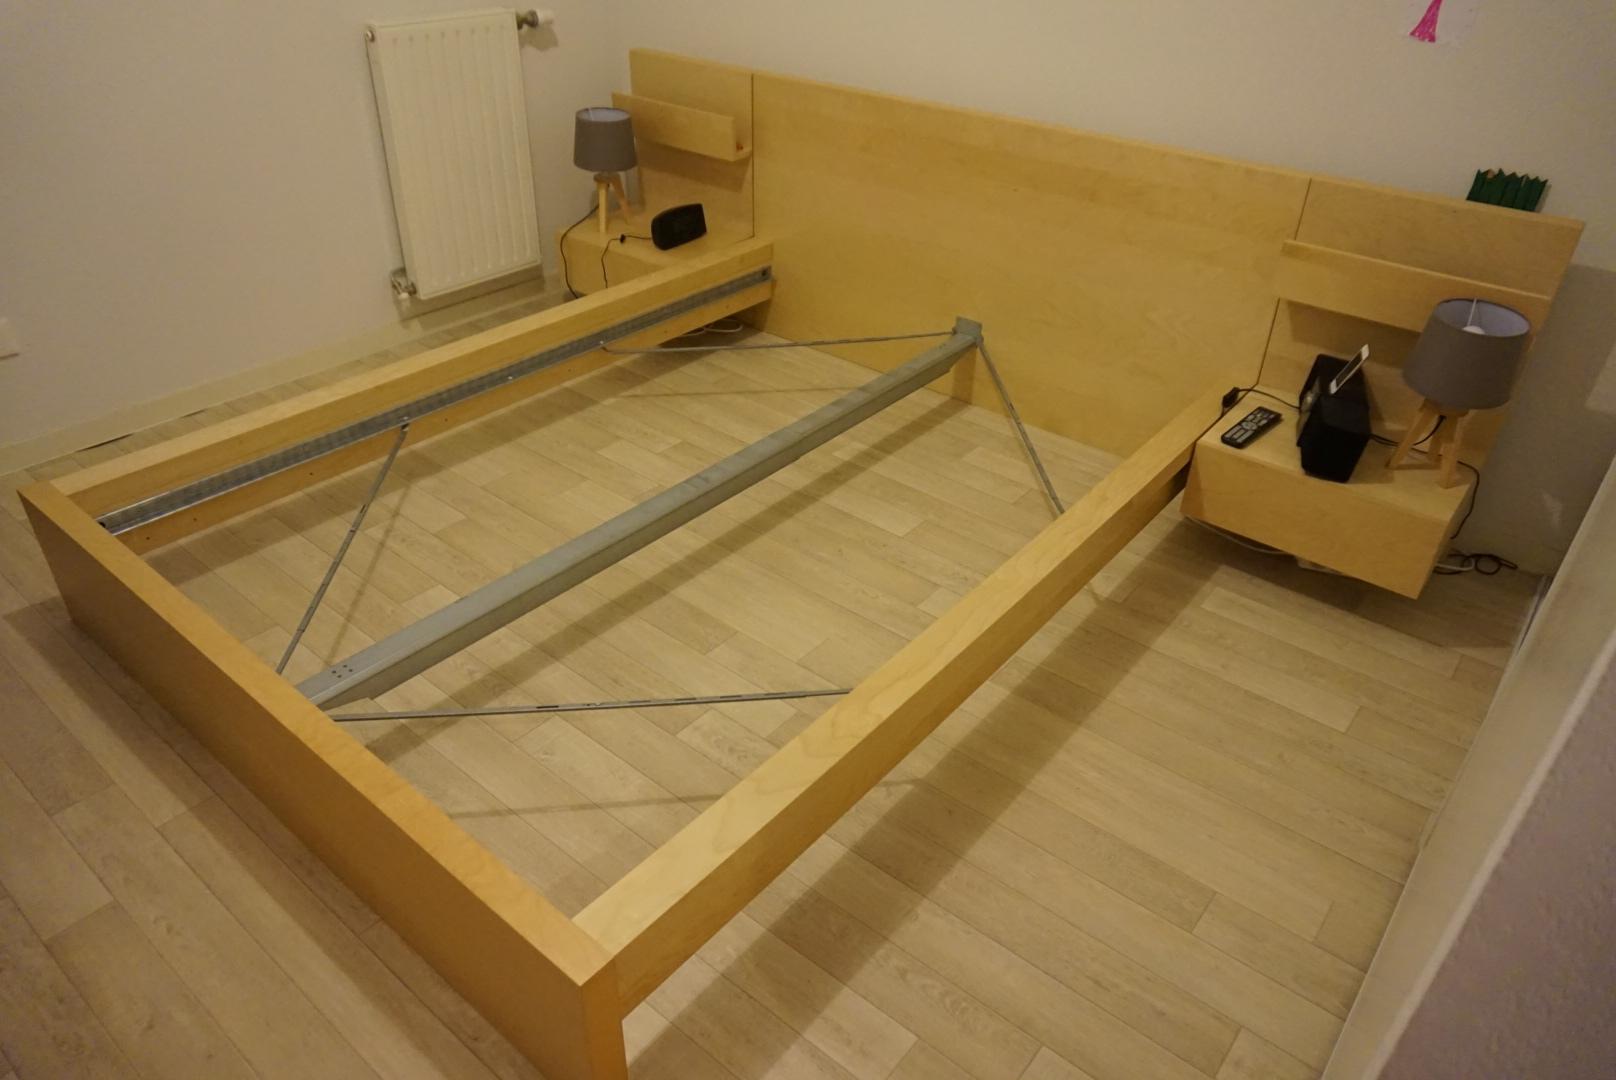 cadre de lit double malm et ses 2 chevets 130 Saint-Médard-en-Jalles (33)